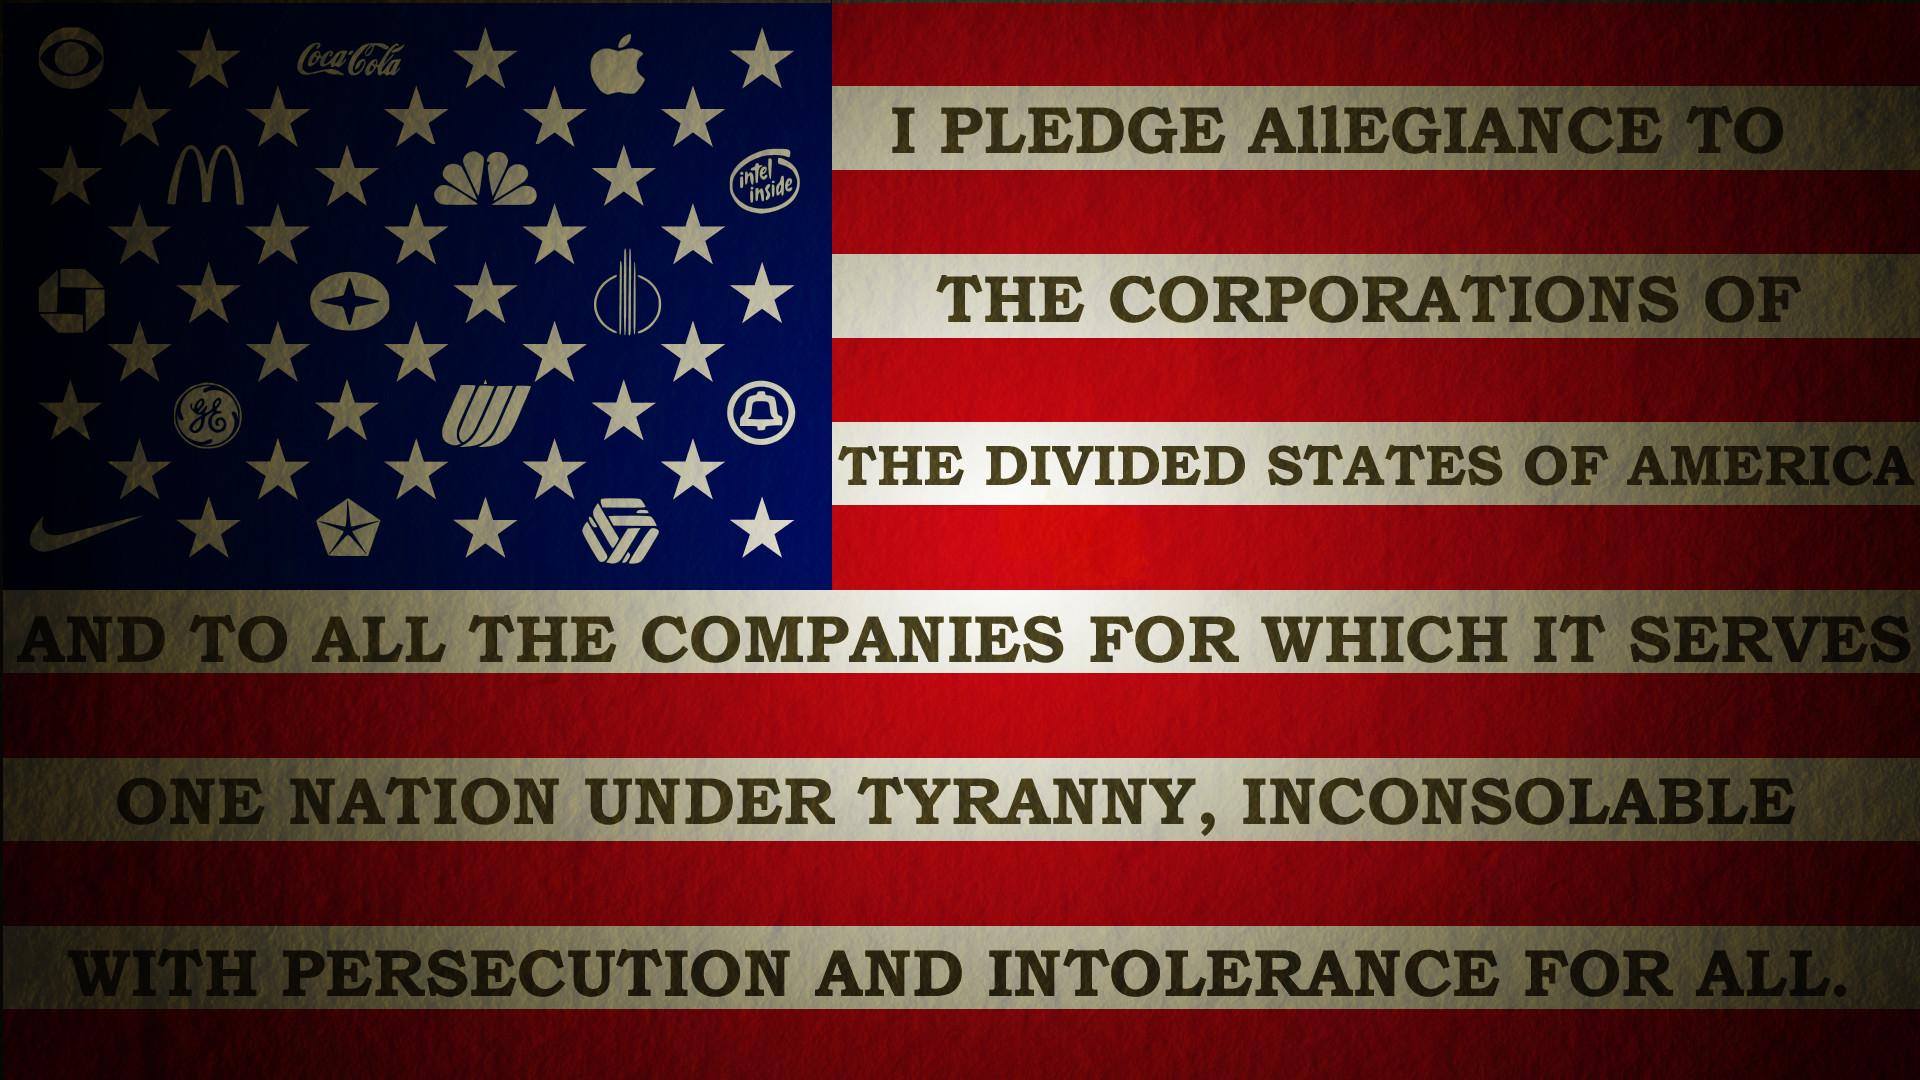 HQ Resolution Anarchy Flag #68742736 – GuoGuiyan.com